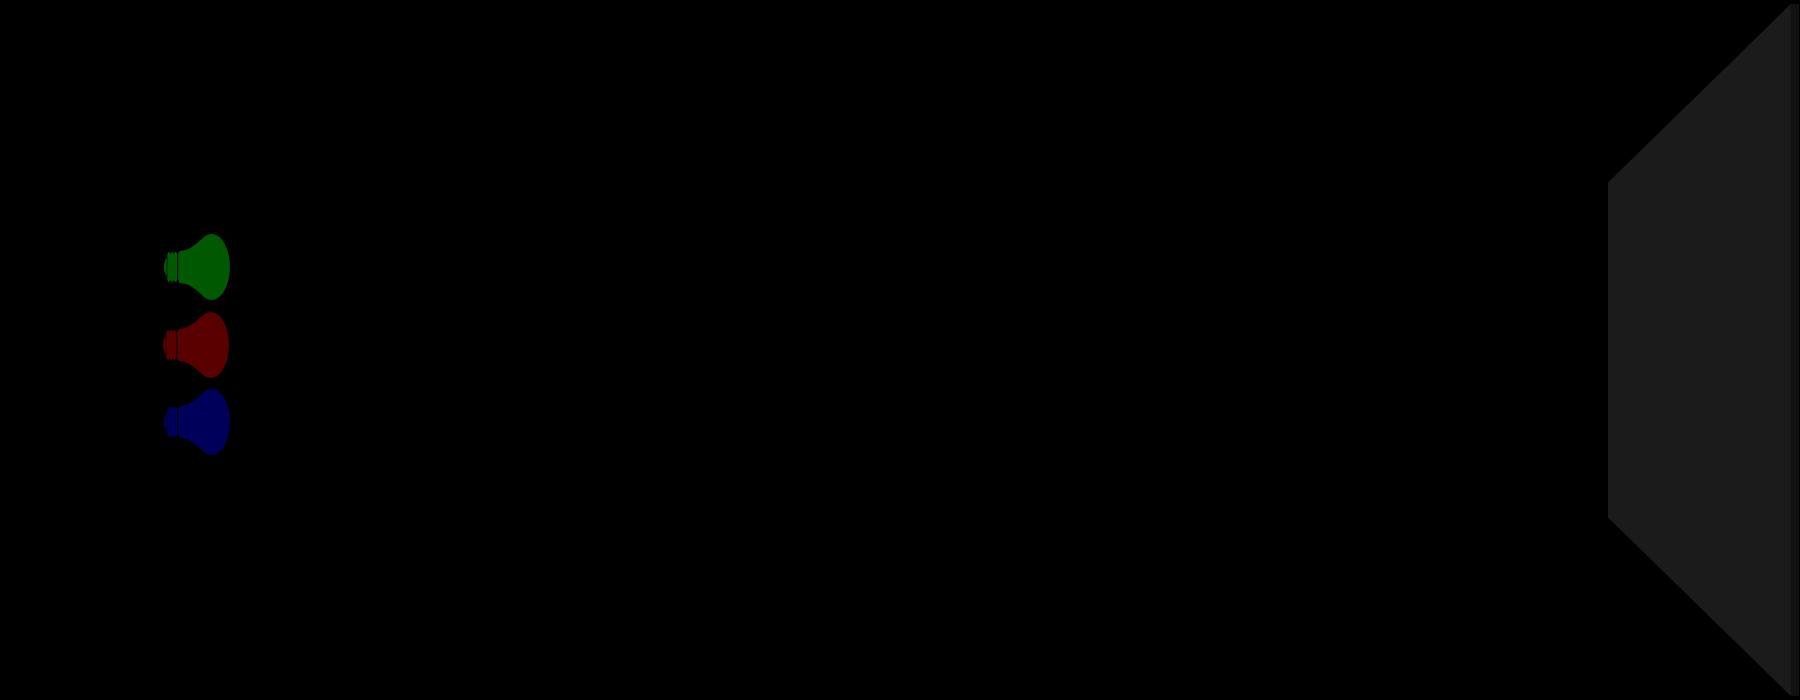 06_Proiezione_RGB_CMY